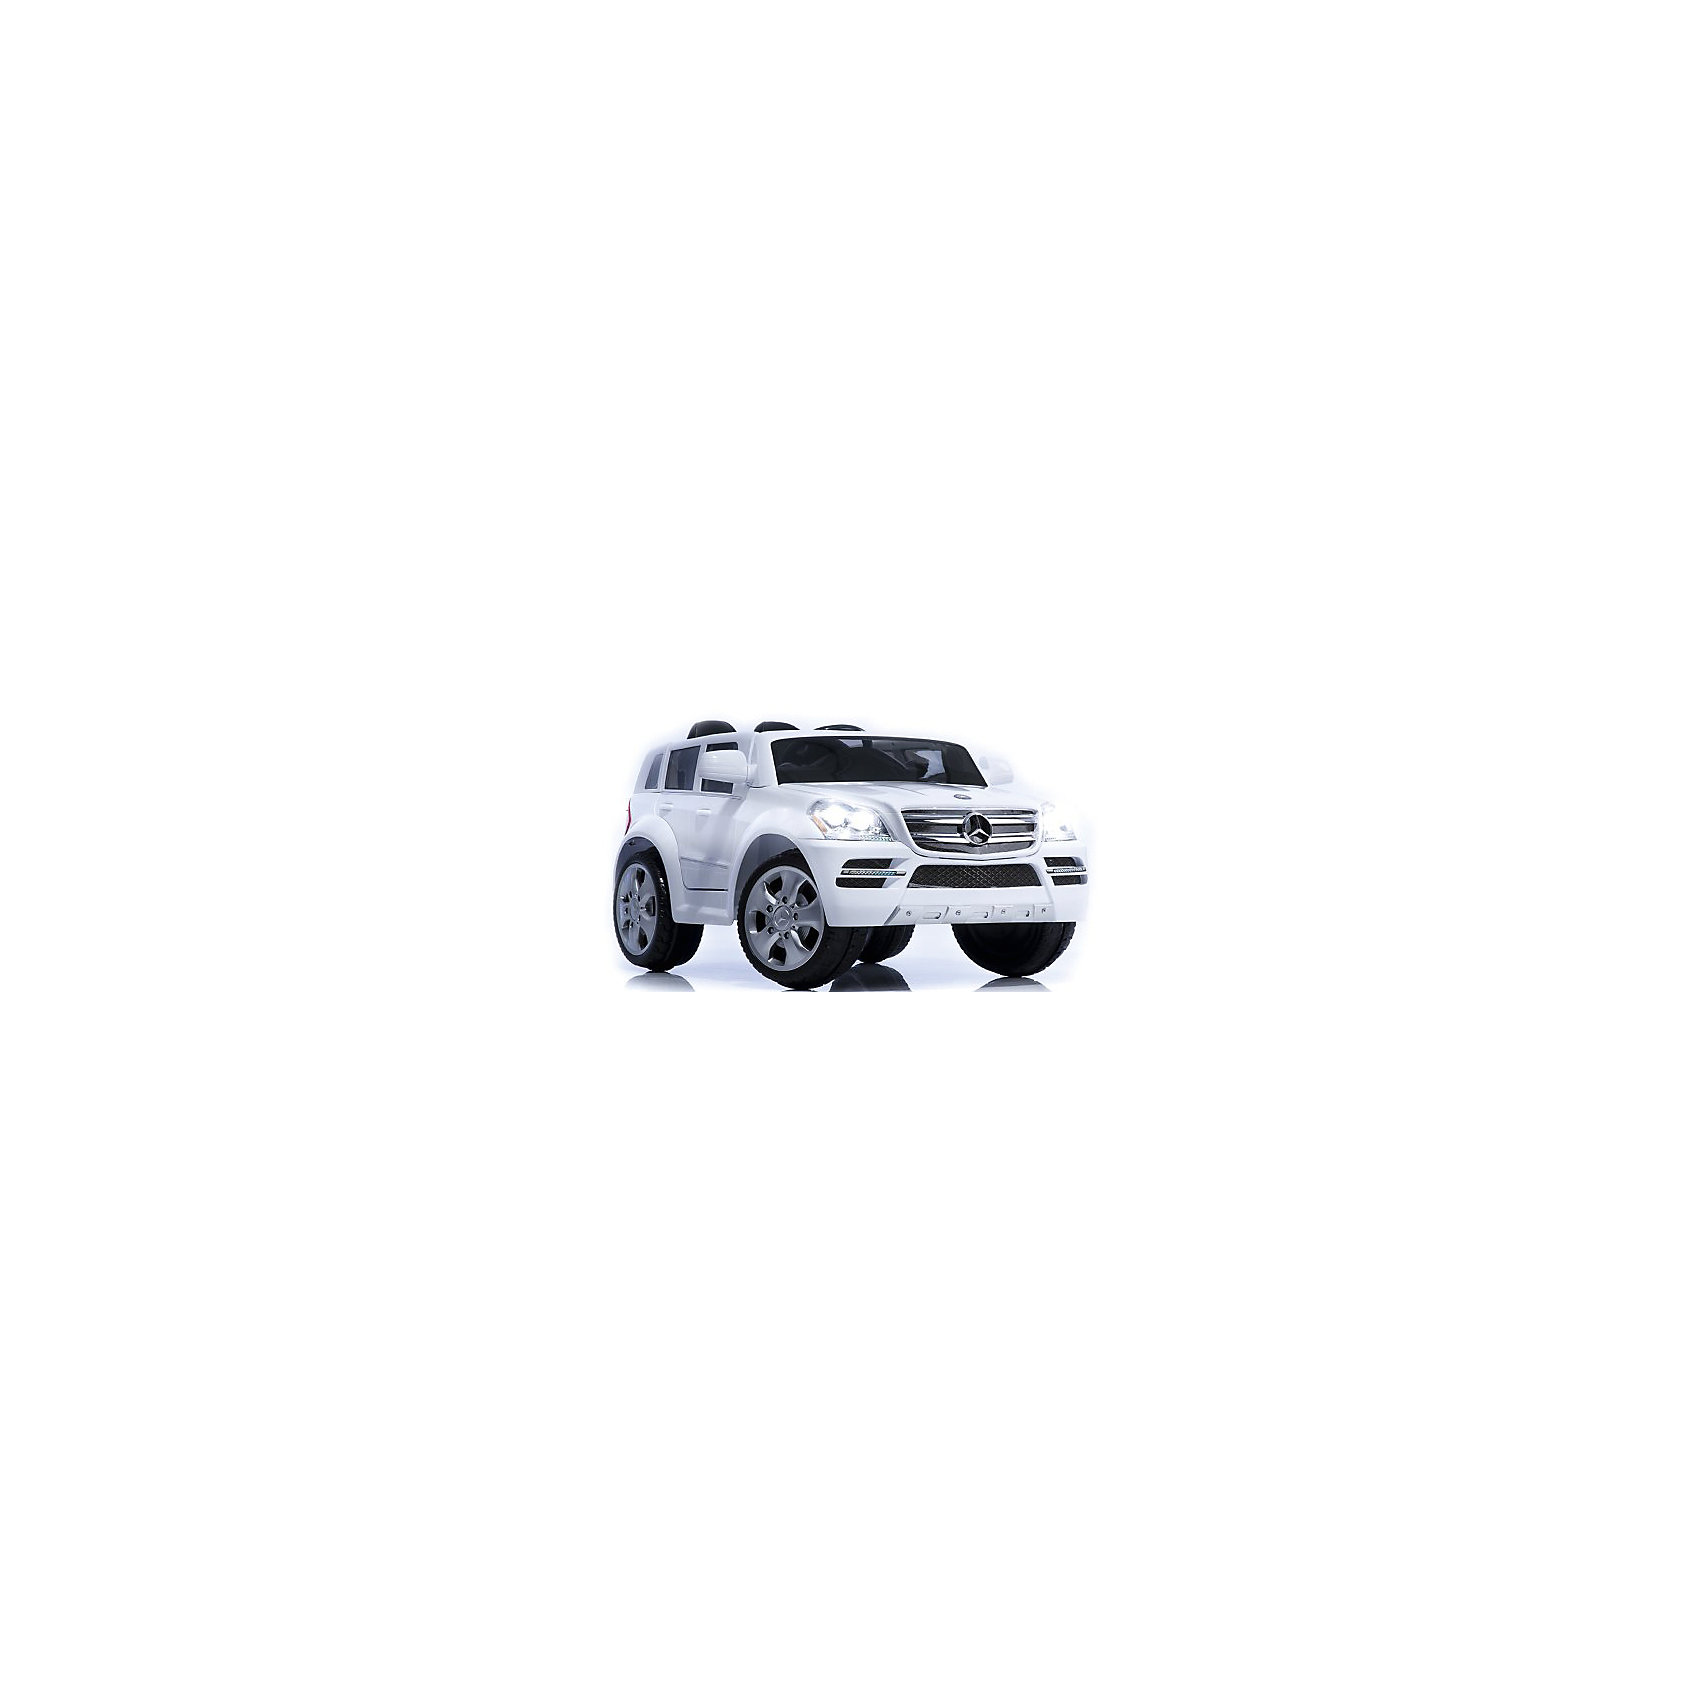 Электромобиль A06, Geoby, белый